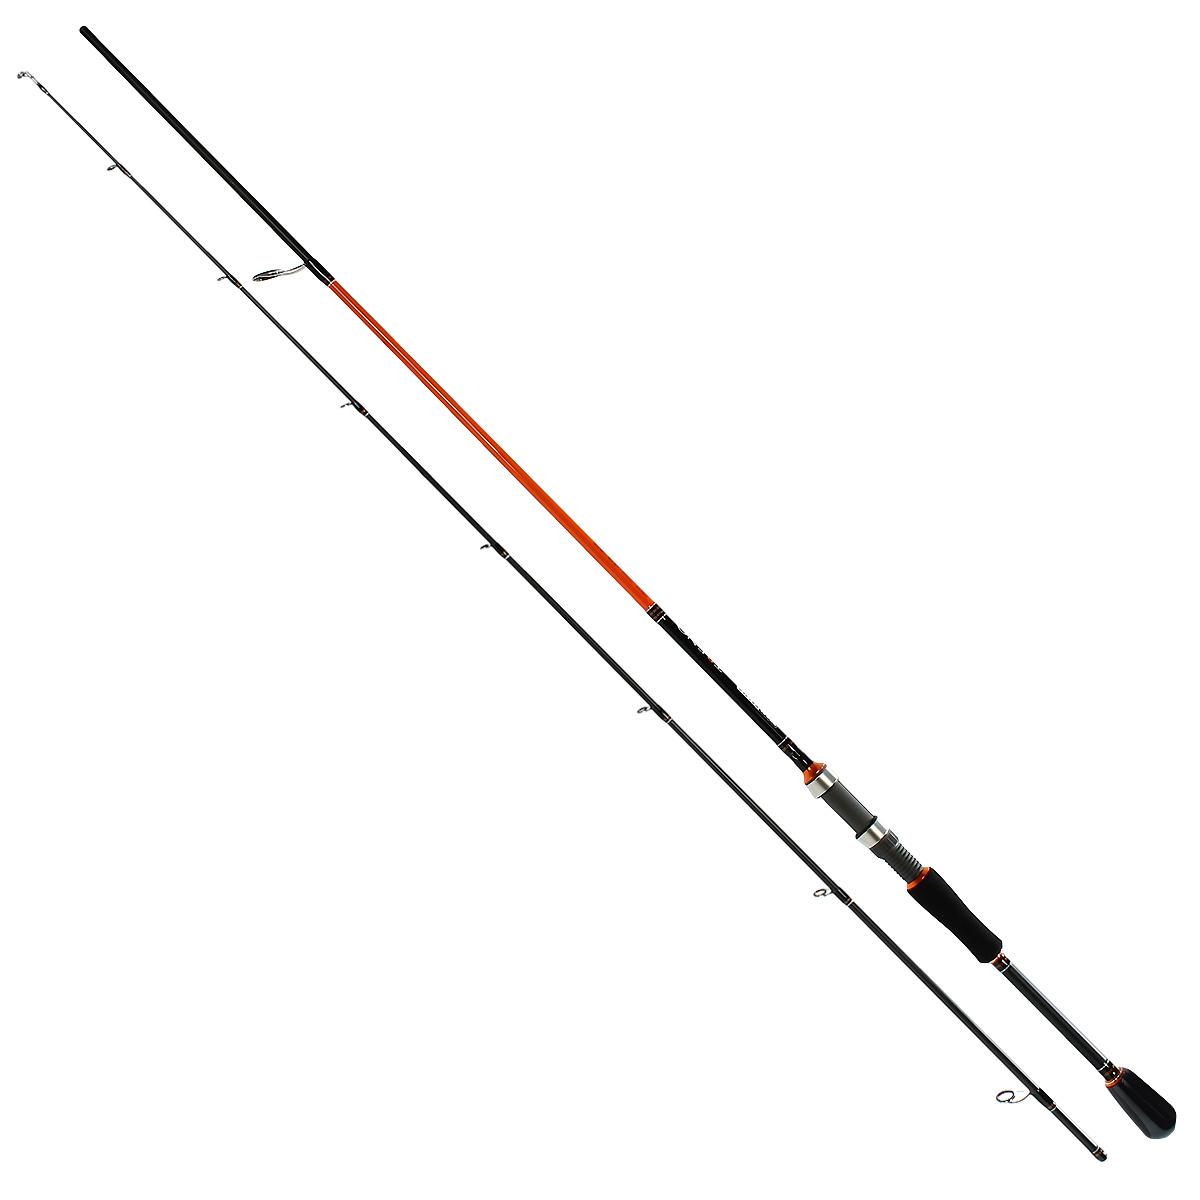 Удилище спиннинговое Team Salmo TRENO, 2,31 м, 7-24 гSJXT27MHСерия спиннингов TRENO разработана специально для ловли хищной рыбы твичингом и на джиг-приманки. Бланки этой серии изготовлены из усовершенствованного высокомодульного графита 40T, обеспечивающего максимальную прочность, а также высокую чувствительность по всему заявленному тестовому диапазону. Строй бланков быстрый и экстра быстрый. Бланк в основании достаточно толстый, что дает преимущества не только при вываживании крупной рыбы, но и при рывковой проводке воблеров. Несмотря на относительно небольшую длину, спиннинги TRENO обладают отличными бросковыми характеристиками. Спиннинги укомплектованы пропускными кольцами Fuji K-guide со вставками SIC. Наклоненные колечки на вершинке - раннинги и противозахлестный тюльпан, не позволят запутаться за них в сильный ветер даже мягкому PE шнуру. В элегантной и практичной разнесенной рукоятке, из прочного материала EVA, установлен катушкодержатель VSS от Fuji с задней гайкой крепления. Материал ручек жесткий и приятный на ощупь.